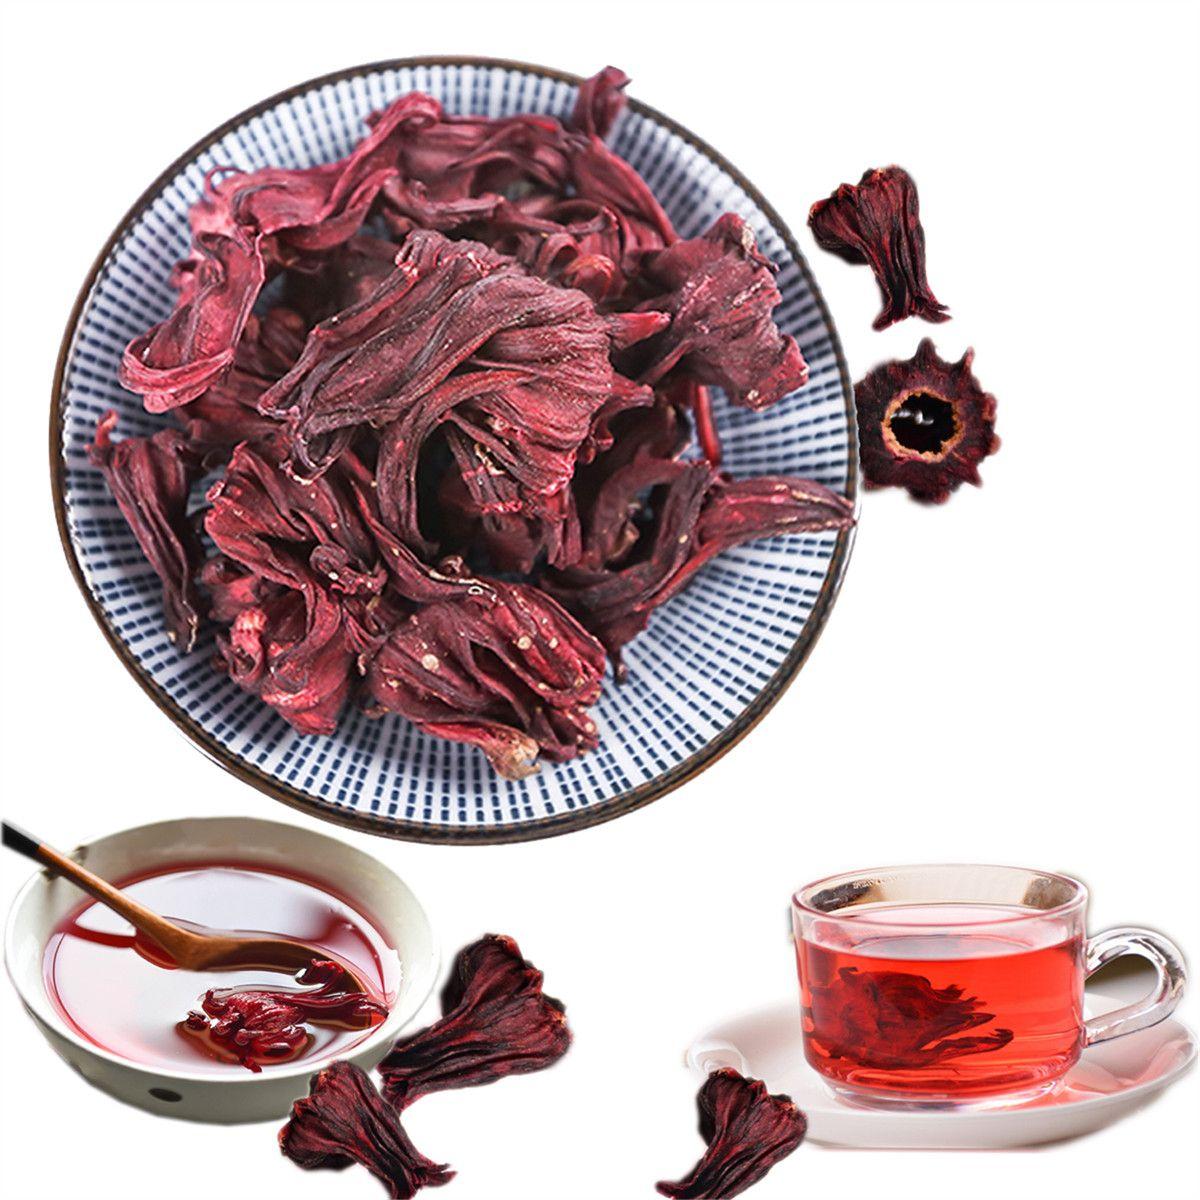 Горячая Розель Чайная Роза Луошэнь Цветочный Чай Китай Юньнань Сушеные Цветочные Чайные Листья Кислый Сливовый Суп Роза